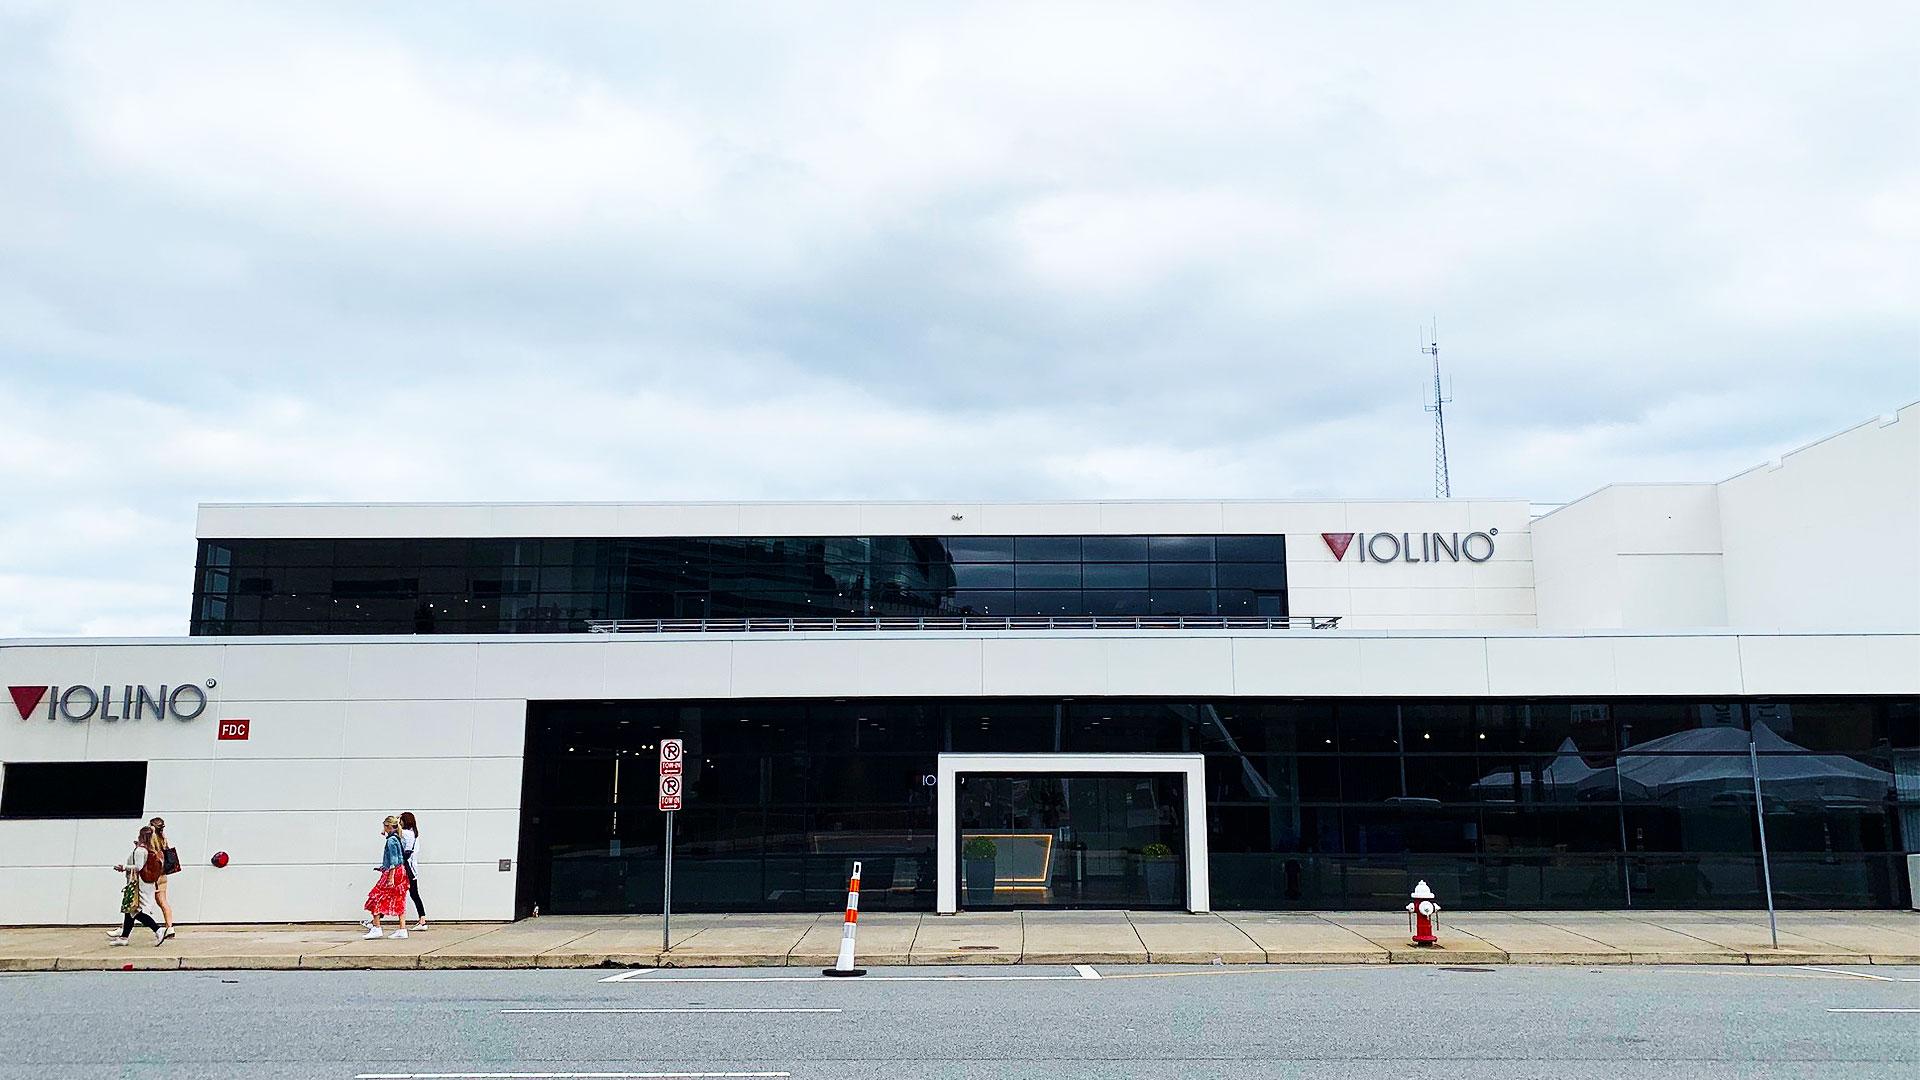 ヴァイオリ―ノのアメリカのハイポイント市にあるソファのショールームの外観の写真。ハイポイントマーケットの常設ショールーム。